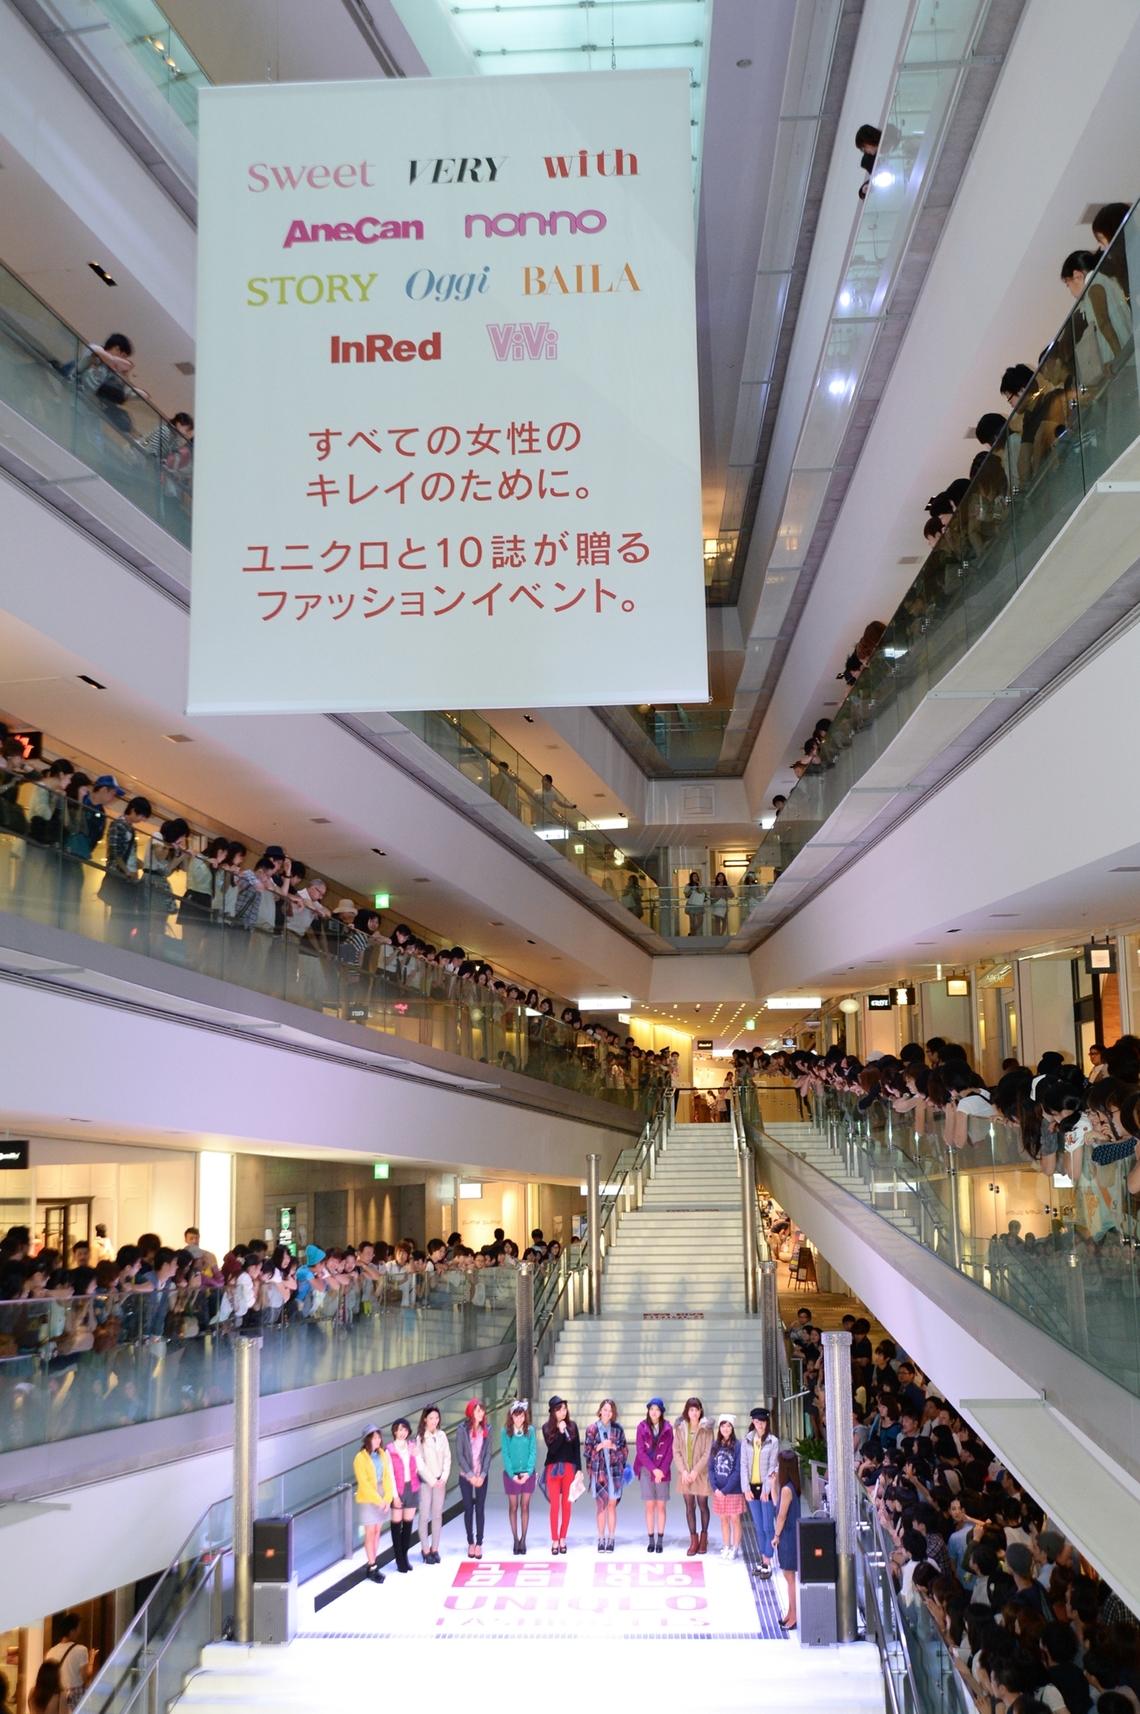 表参道ヒルズの大階段で行われたファッションショー。多数の観客でにぎわった。